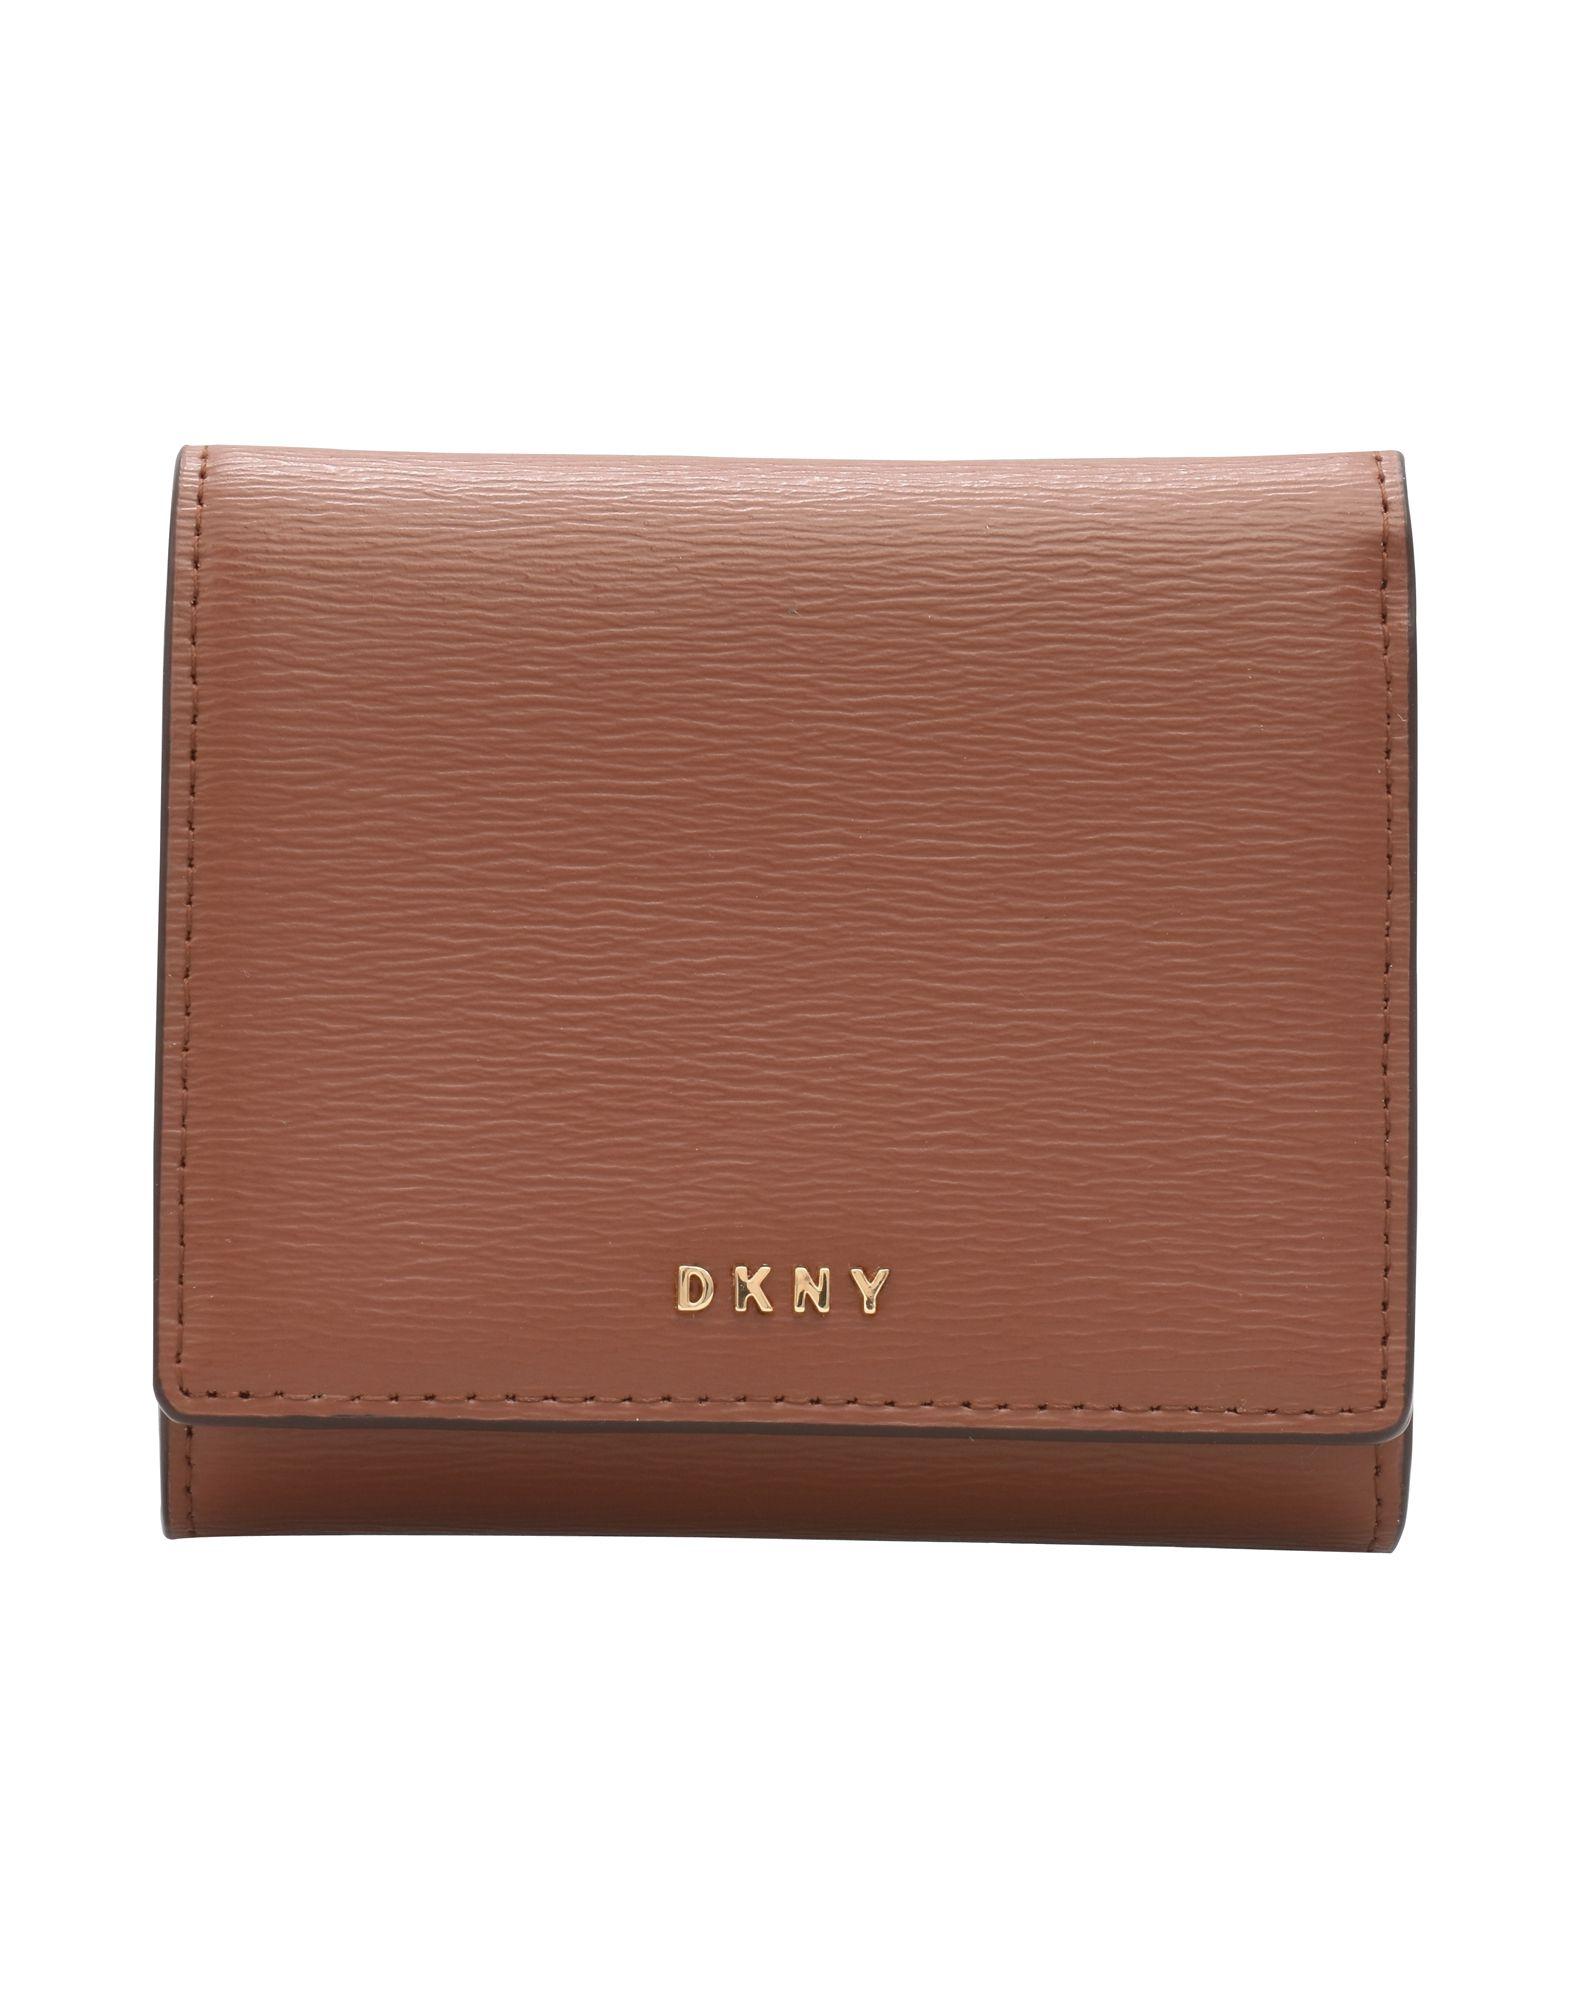 f1c666256975 Dkny Wallet - Women Dkny Wallets online on YOOX Australia - 46557733AC